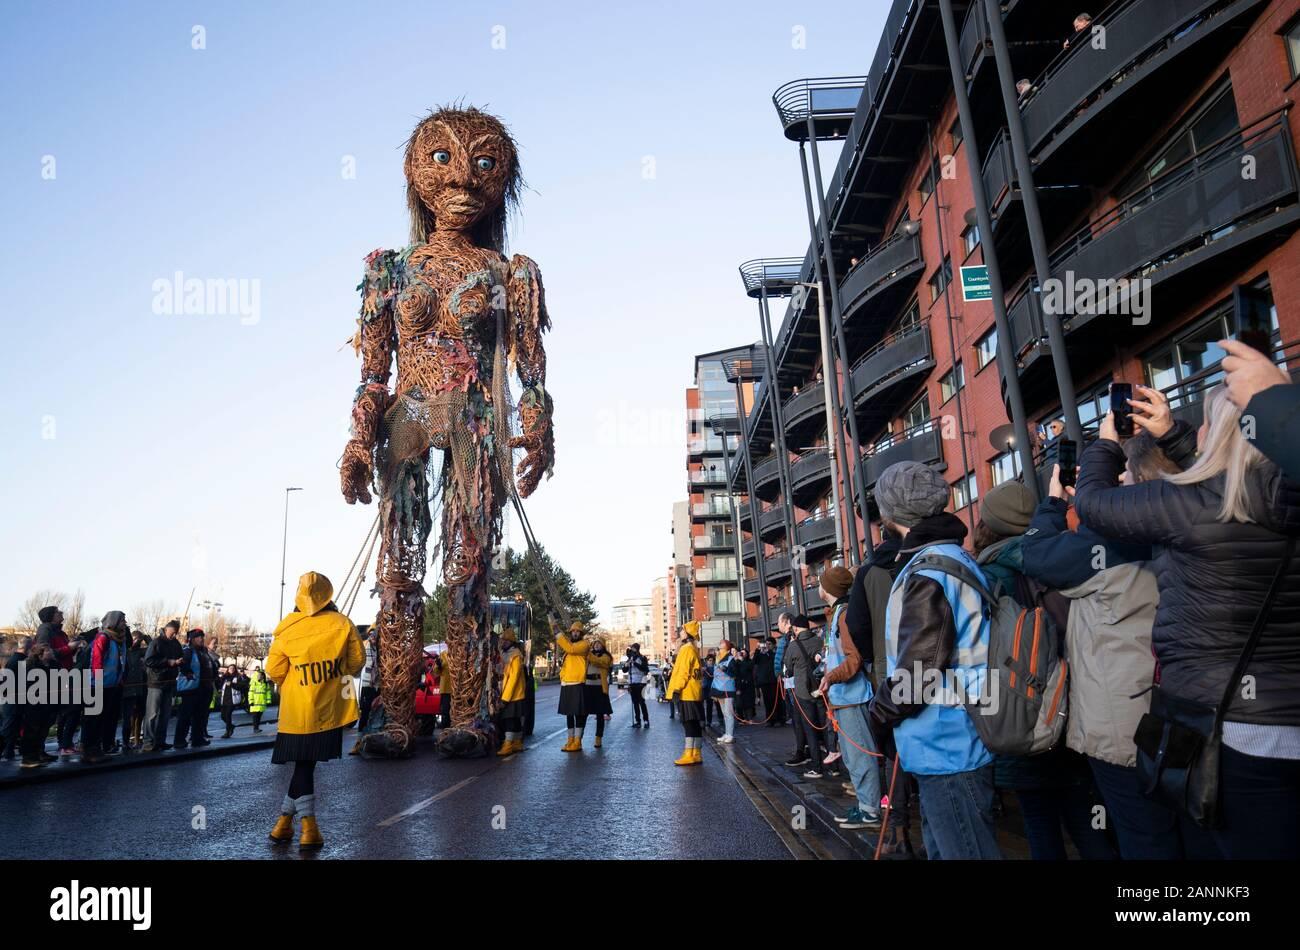 El más grande de Escocia, un títere de diez metros de altura diosa del mar llamado Storm, hecho enteramente a partir de materiales reciclados, caminando a través de Glasgow como parte de Celtic Connections 2020. Foto de stock